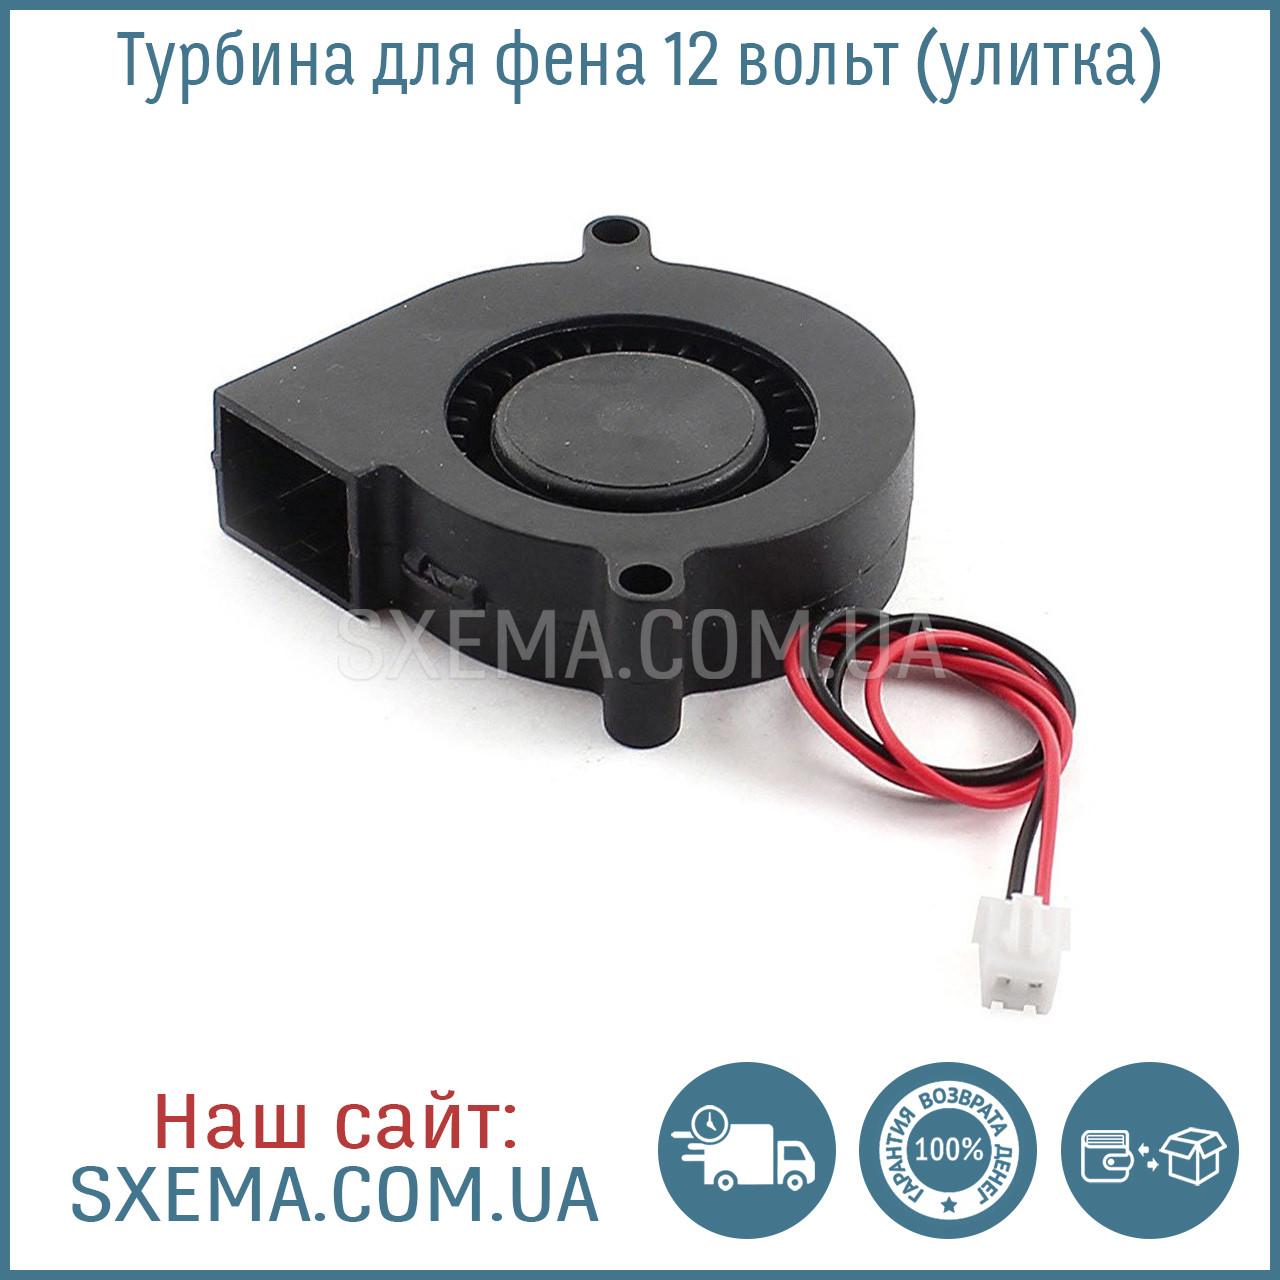 Турбина для фена DF5015 FAN 12 вольт (улитка) 0.18A